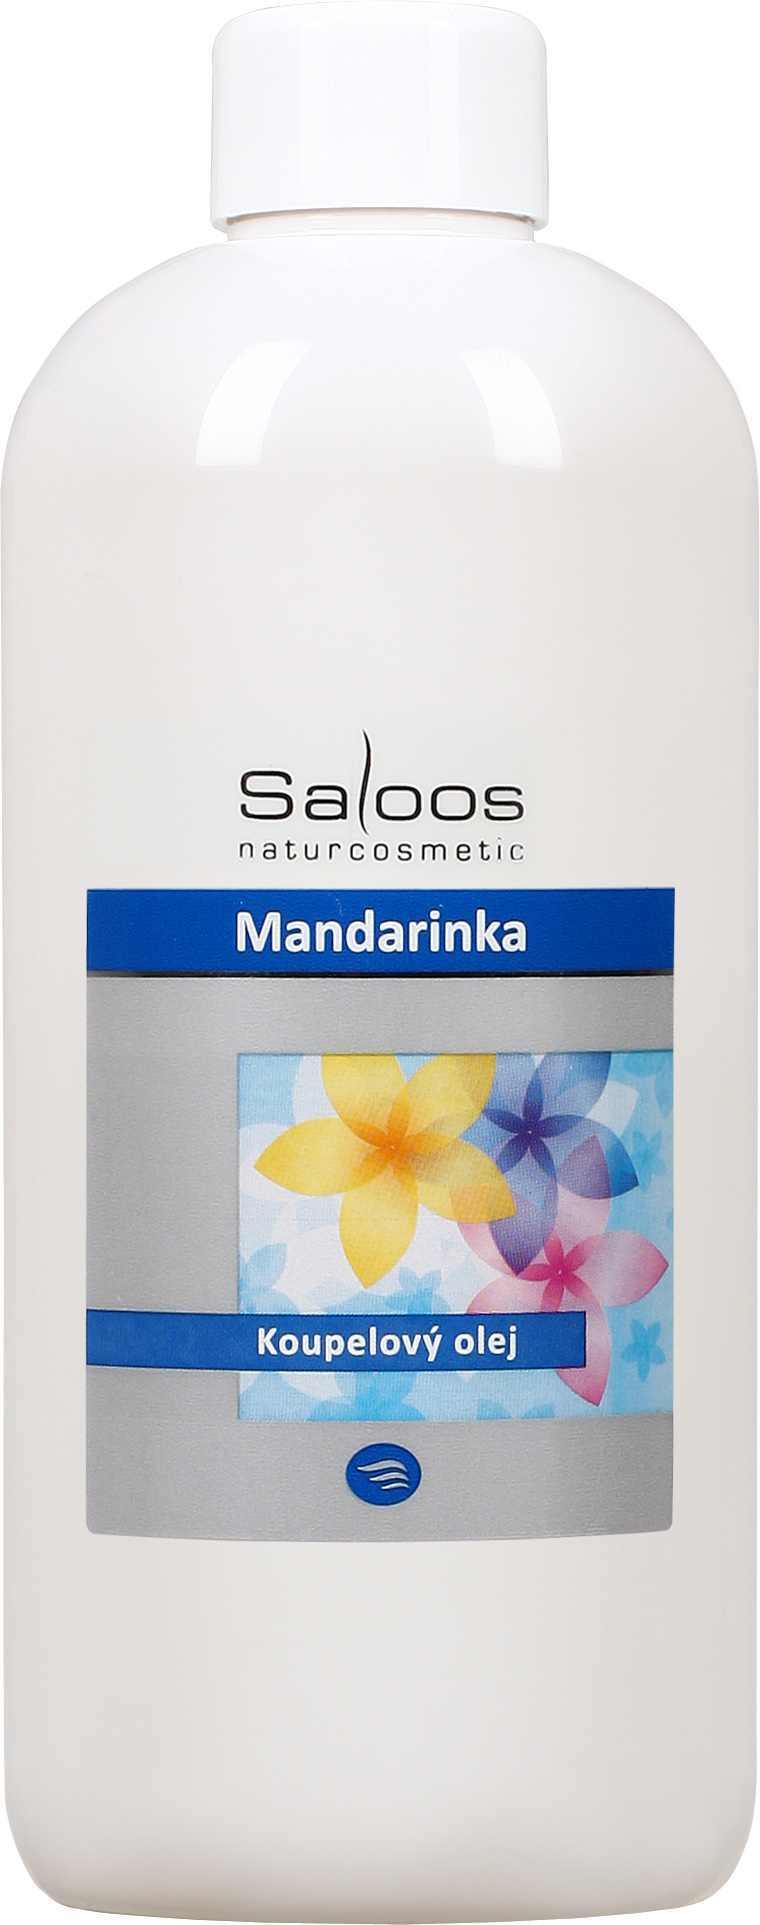 Saloos Mandarinka - koupelový olej Balení: 500 ml